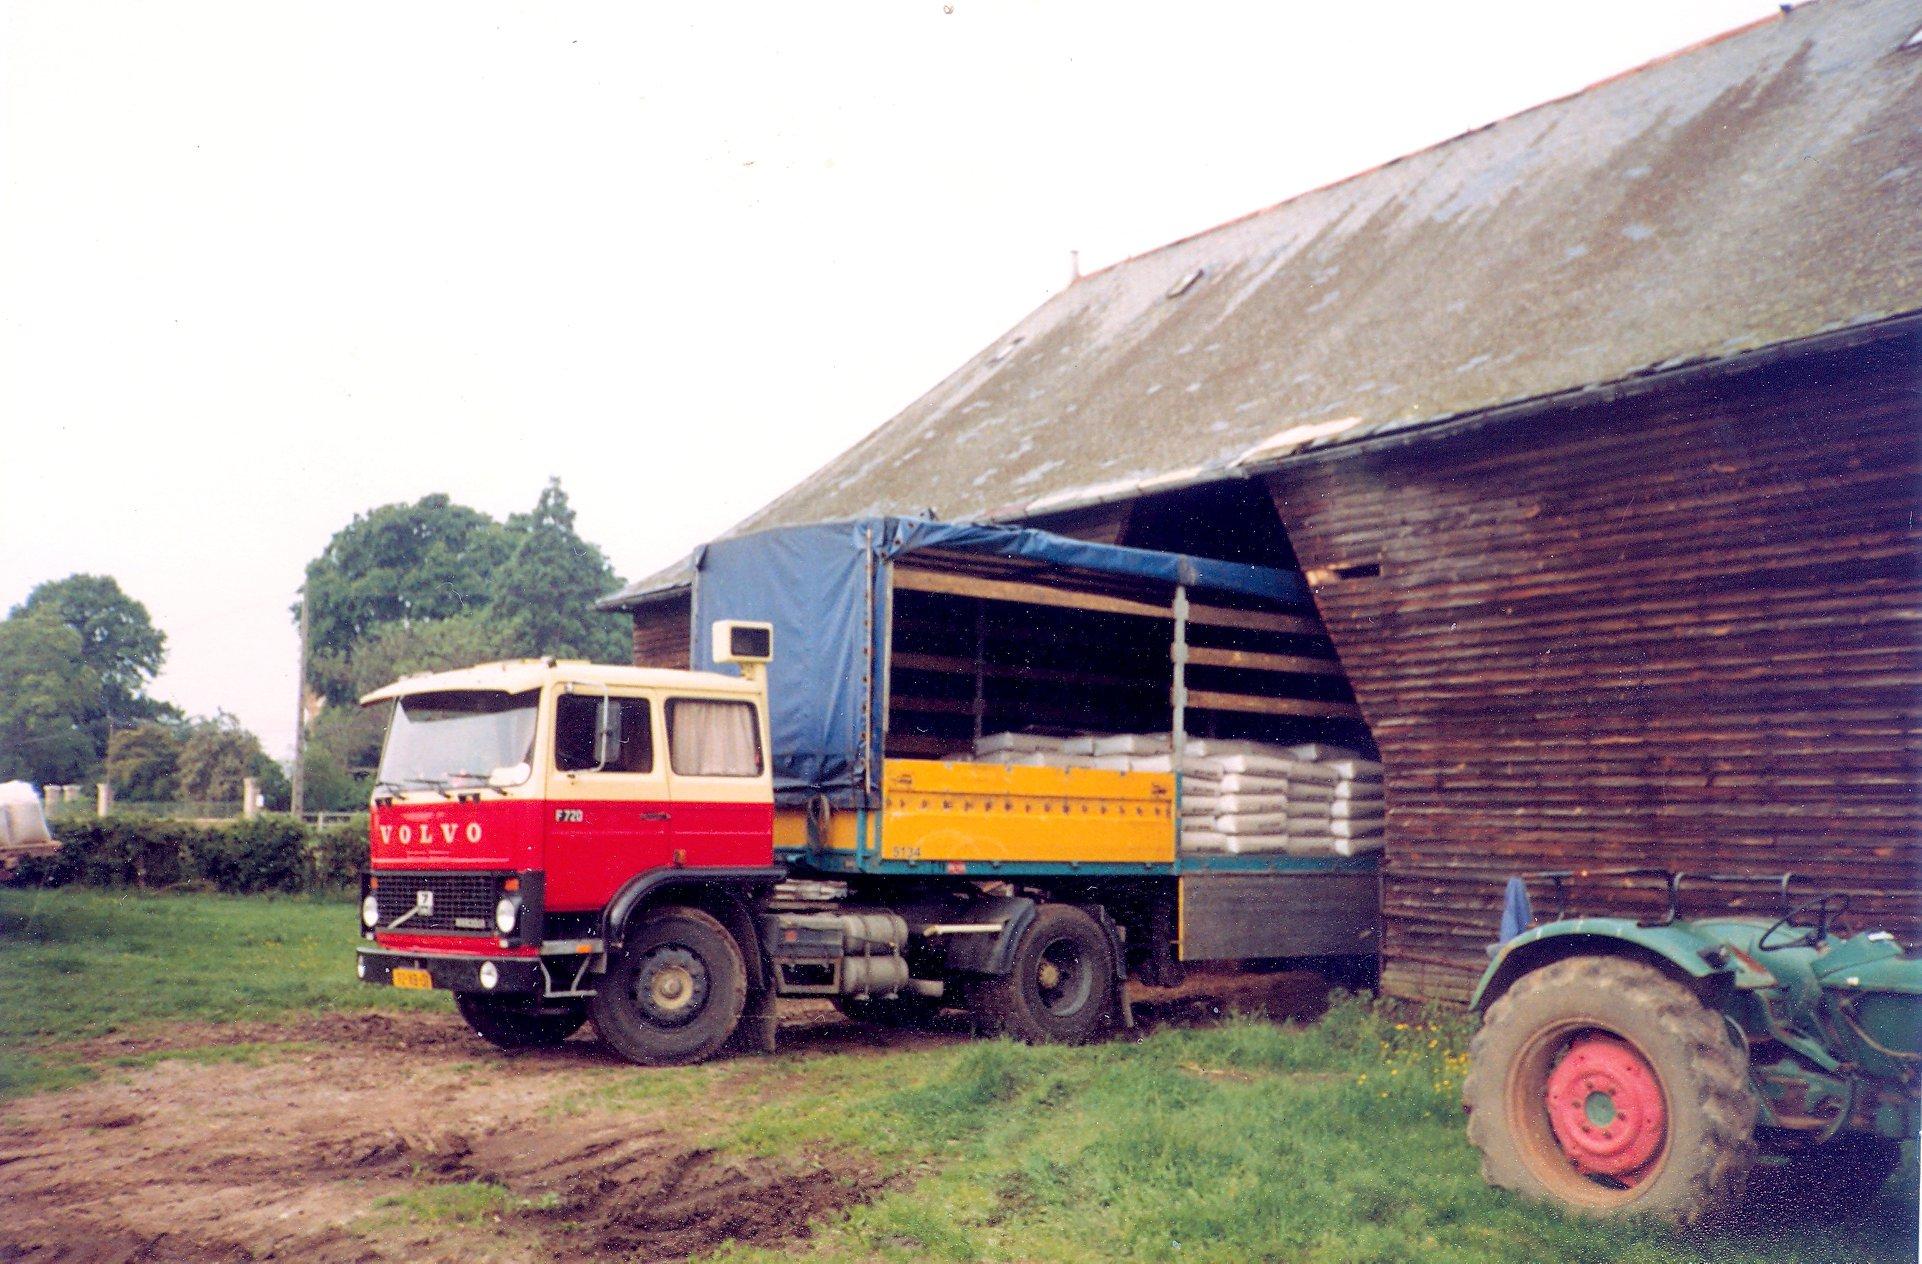 Dim-Geelhoed-lossen-bij-een-boer-27430-Vatteville